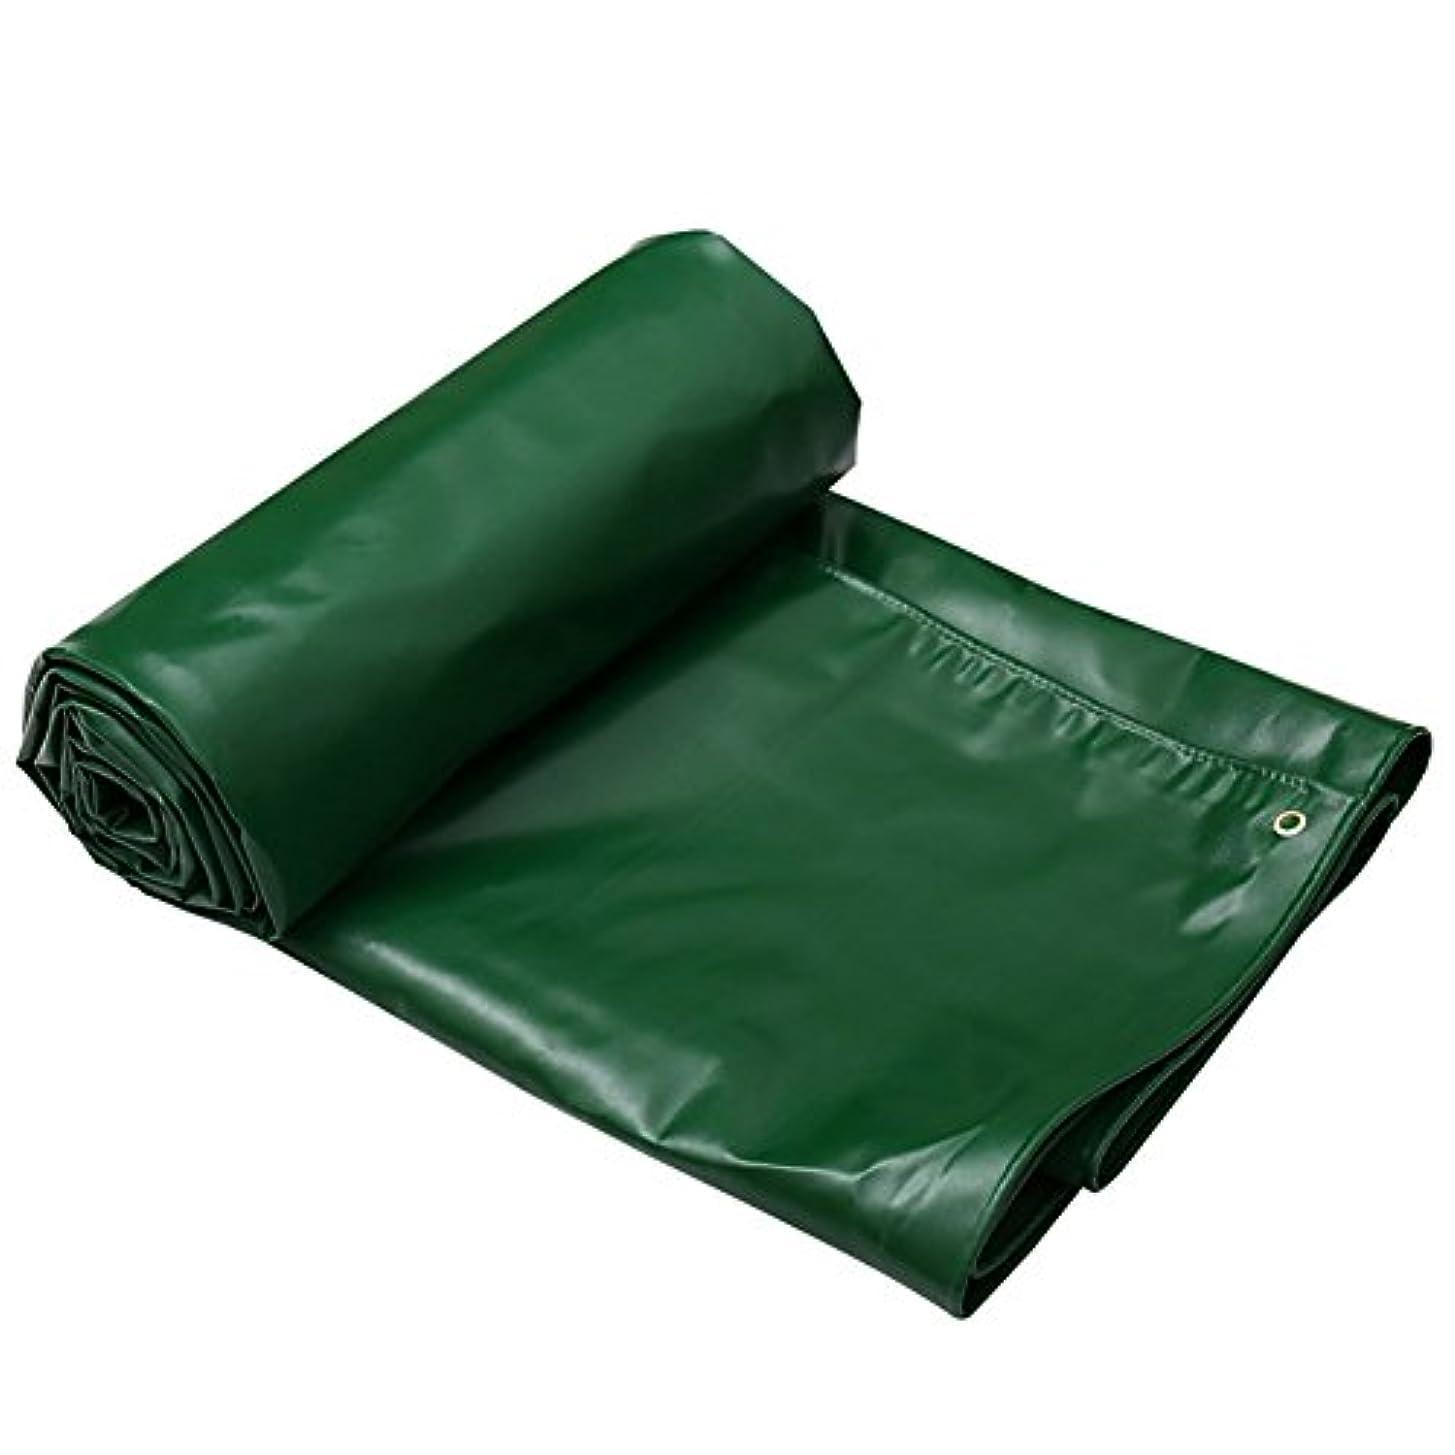 歯科のコインランドリーリーフレット12J-weihuiwangluo 厚い防水シート防水雨防水グリーンプレミアム品質カバー製650 G /㎡メーター防水シート (サイズ : 4X3M)